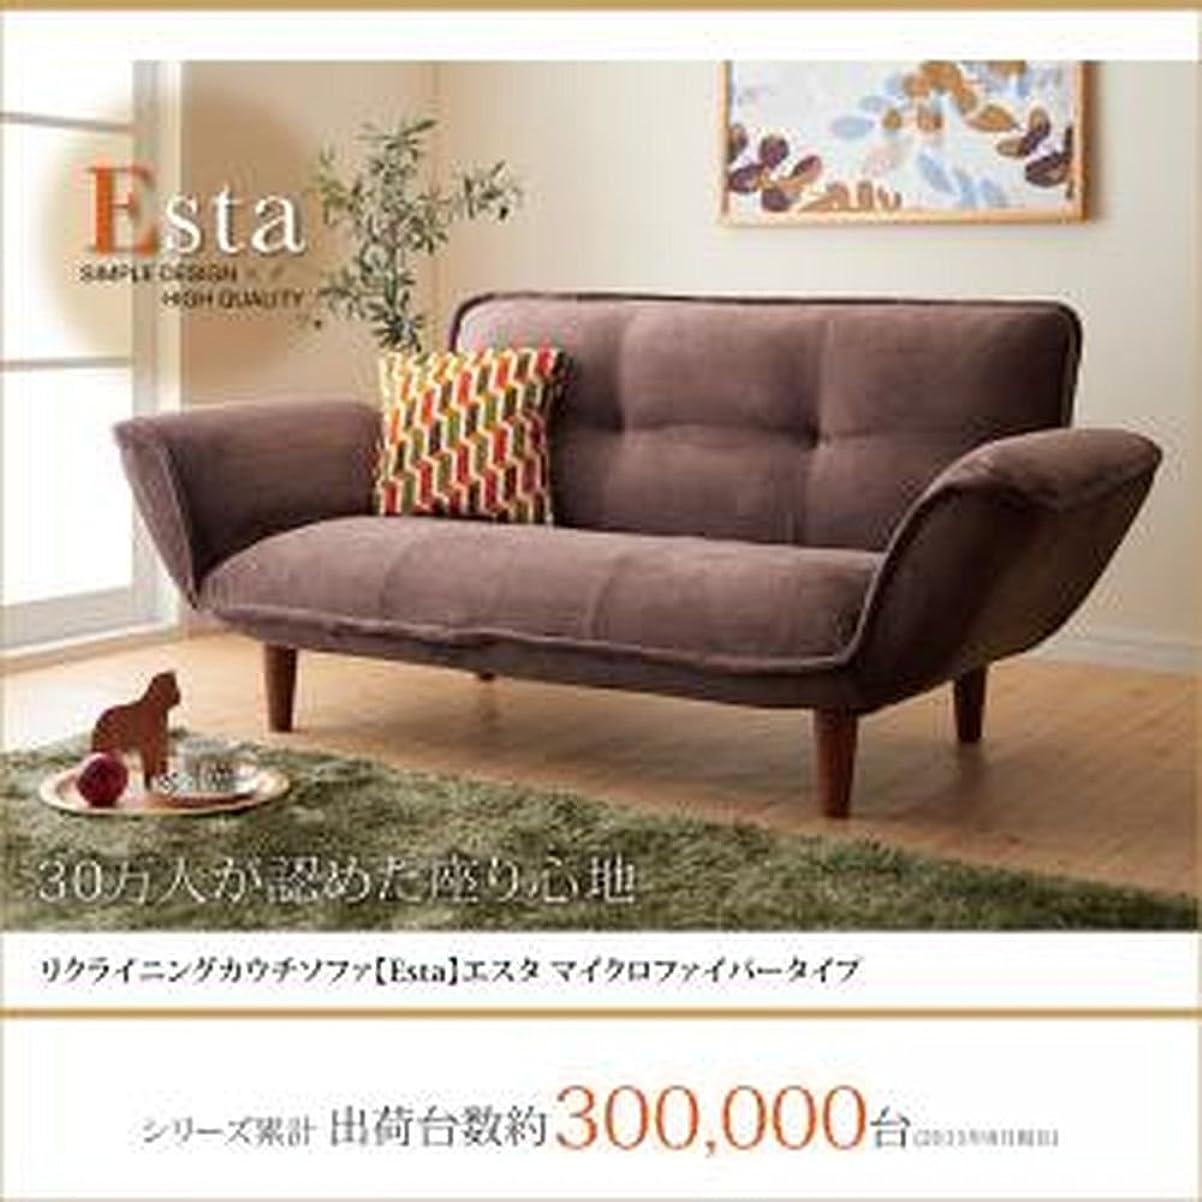 開発する家庭侵入リクライニングカウチソファ【Esta】エスタ マイクロファイバータイプ ブラウン